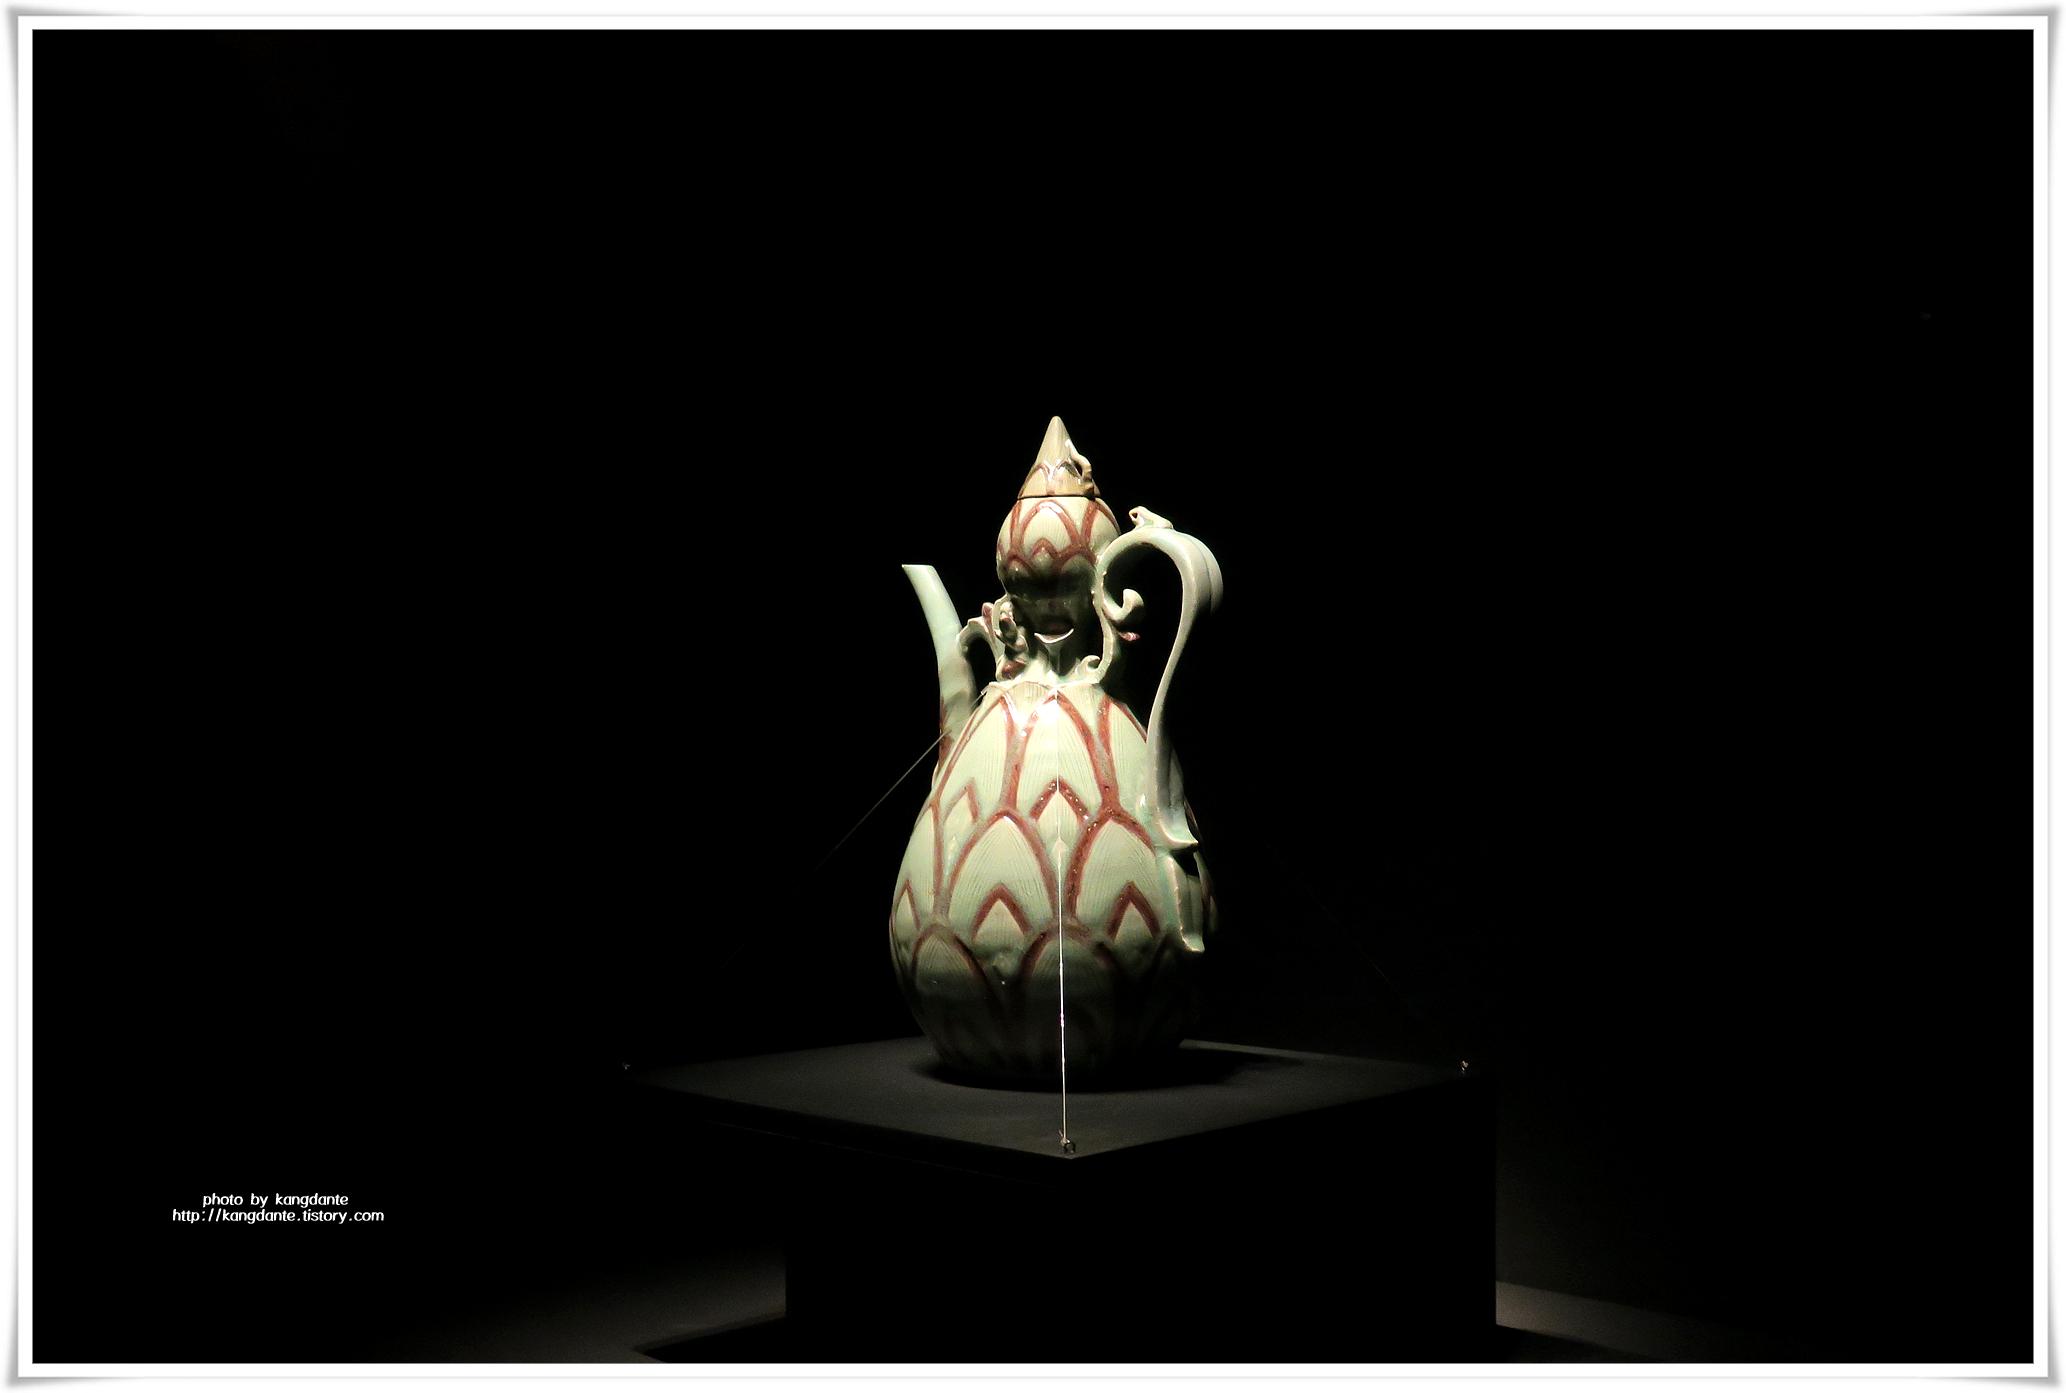 삼성 리움미술관에서 만나는 국보(國寶)와 보물(寶物)